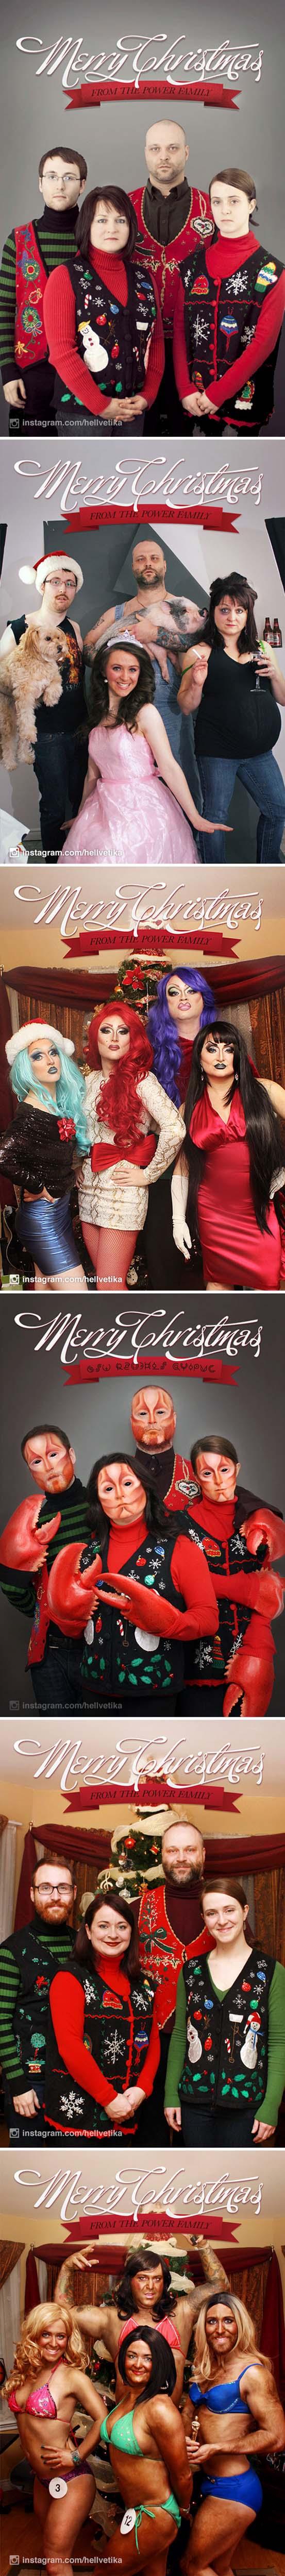 Άνθρωποι πόζαραν για ξεκαρδιστικές χριστουγεννιάτικες κάρτες (13)